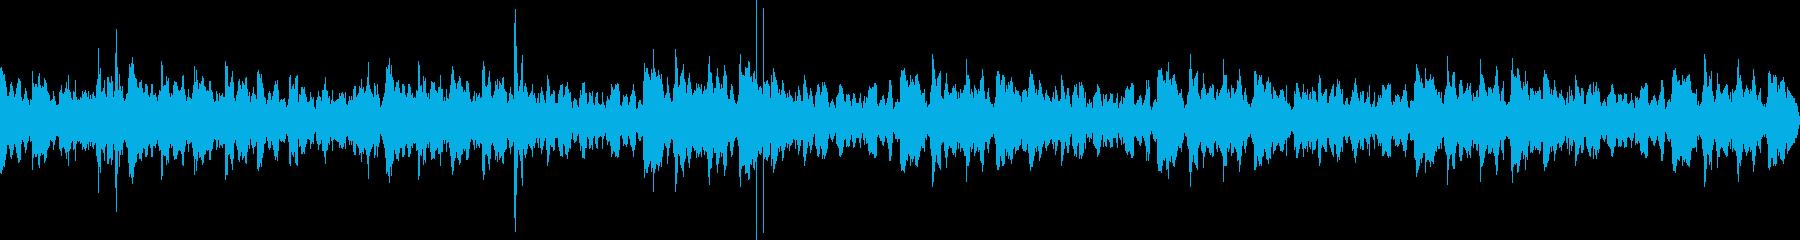 Lo-Fi HipHopのBGMの再生済みの波形